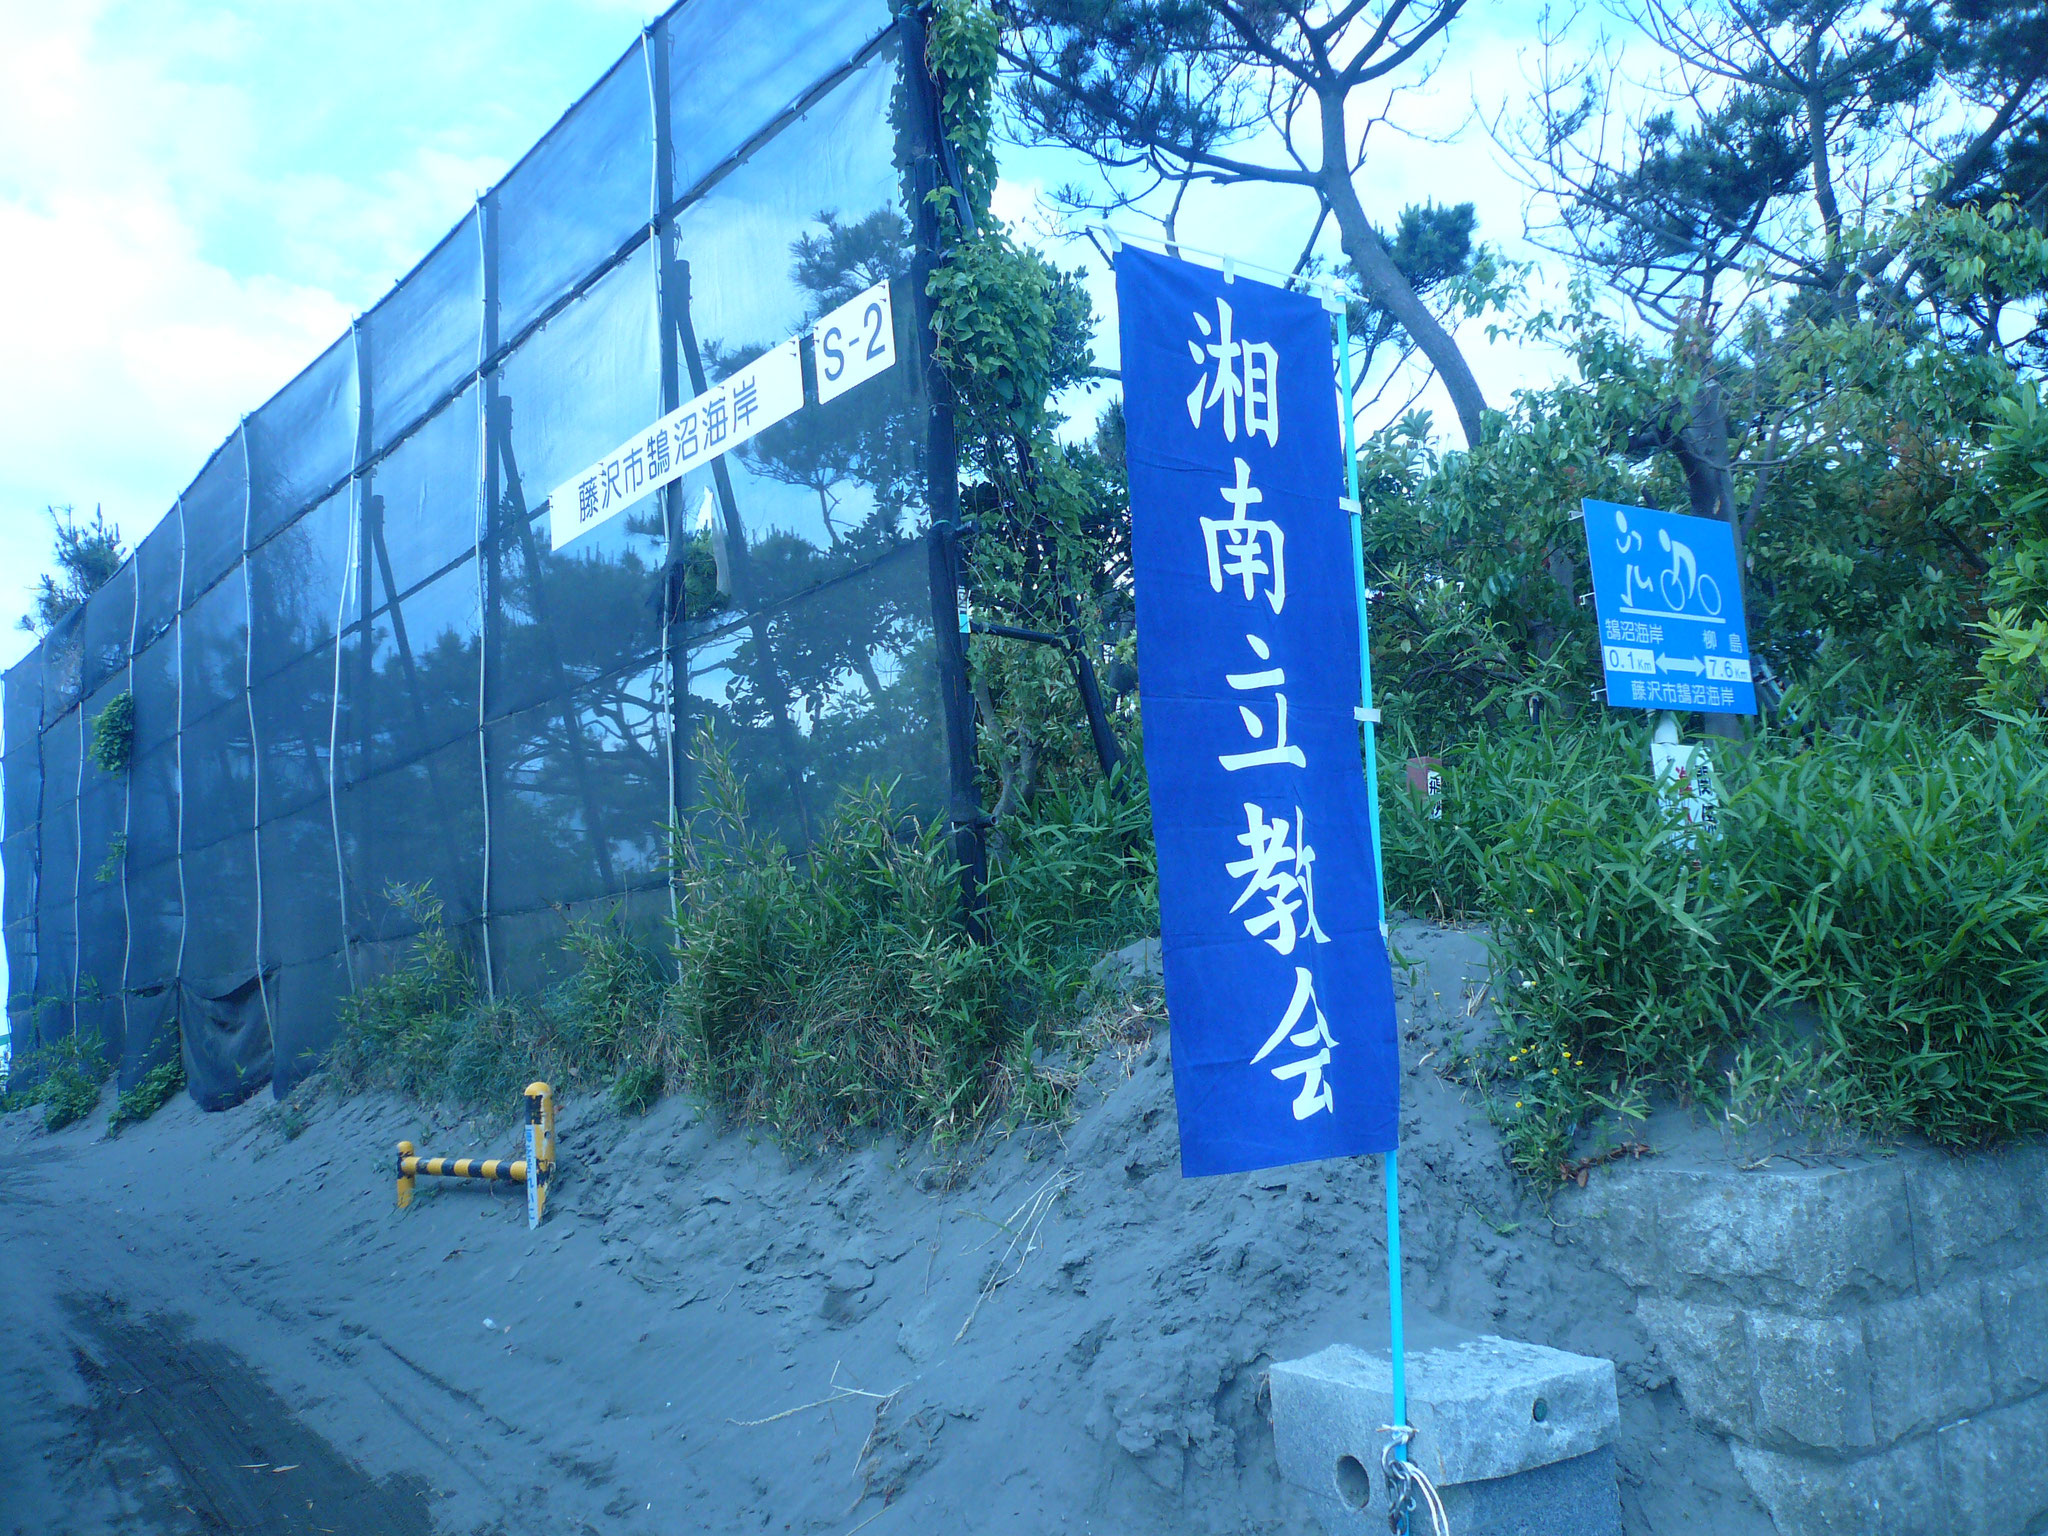 江の島を背に大磯方面へ少し歩くと幟が迎えてくれる